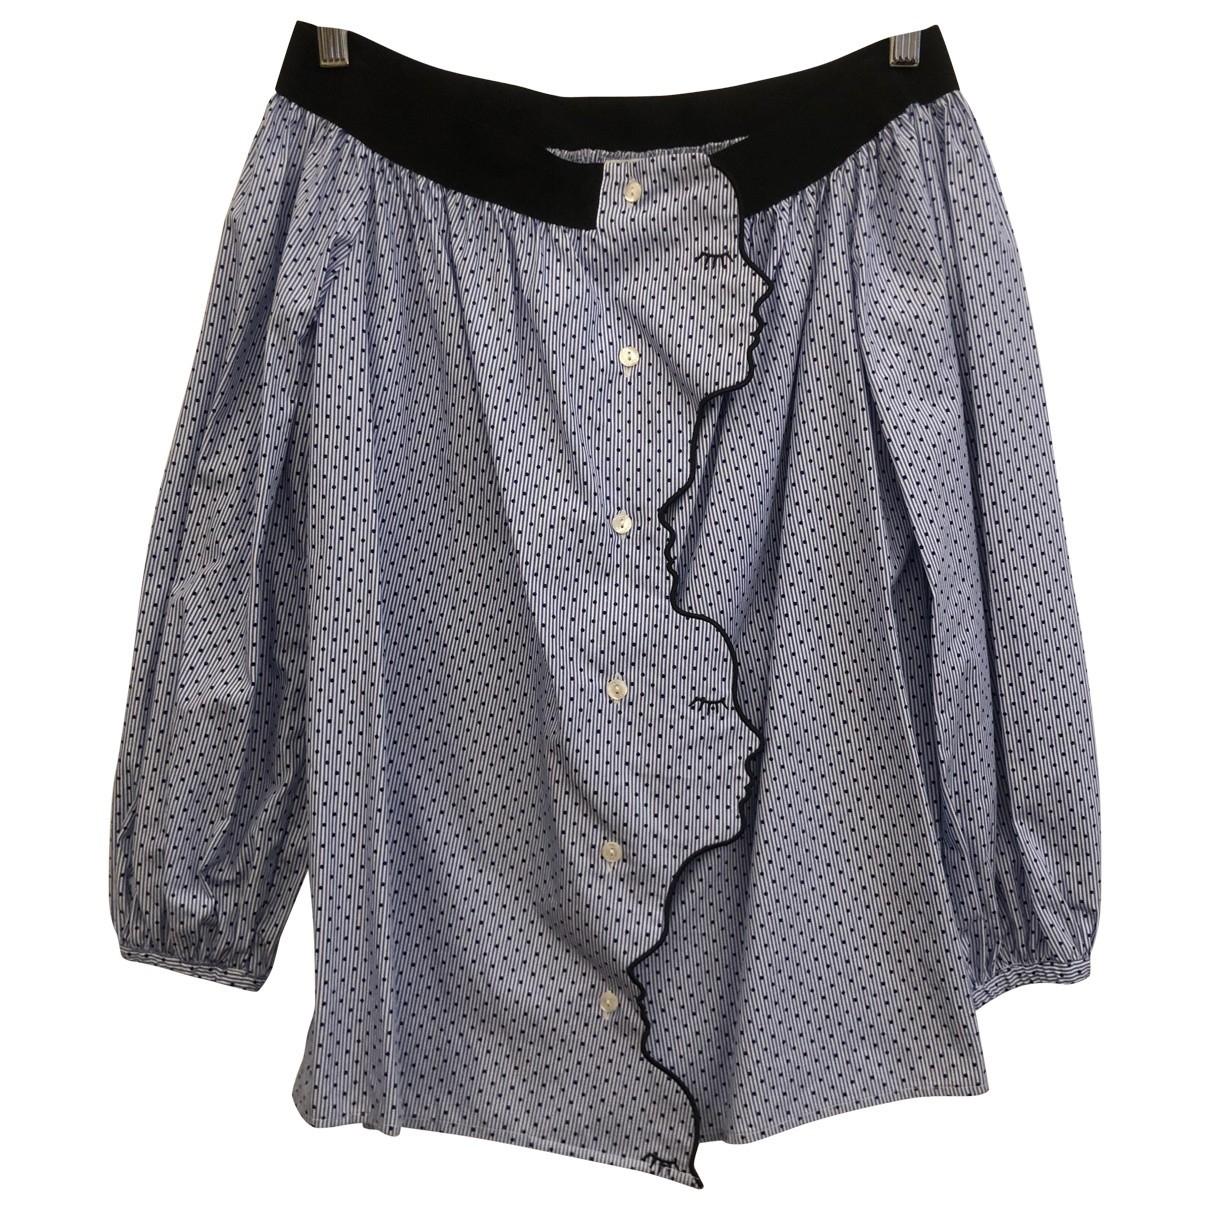 Vivetta - Top   pour femme en coton - multicolore